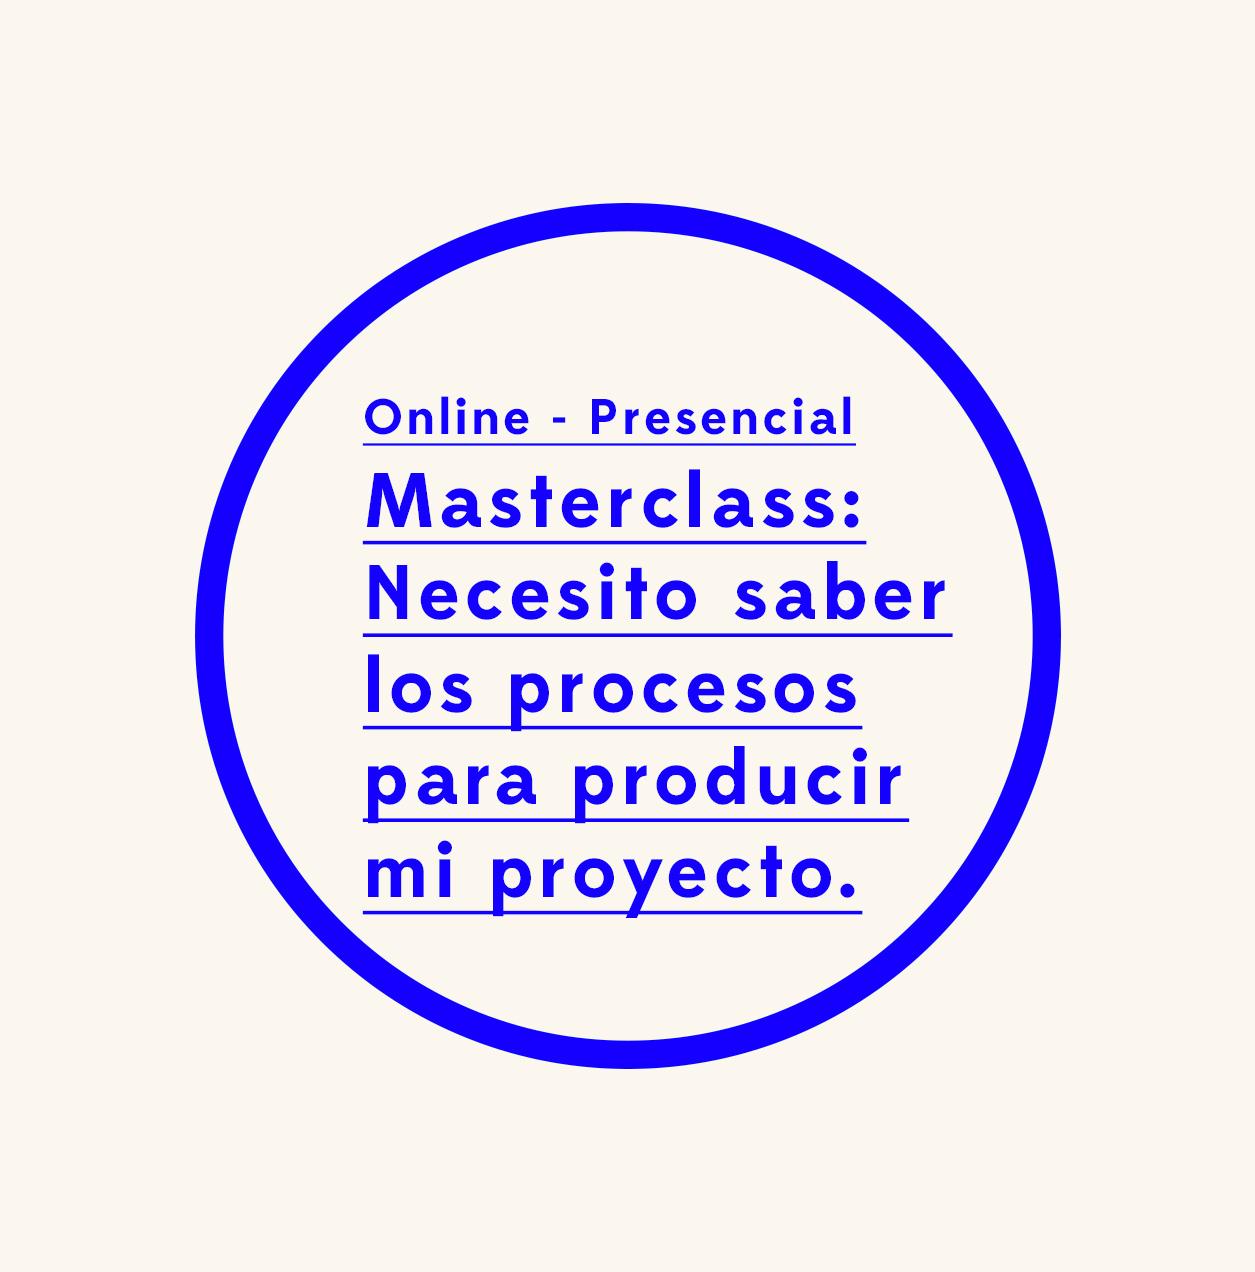 Masterclass online en directo: Necesito saber los procesos para producir mi proyecto